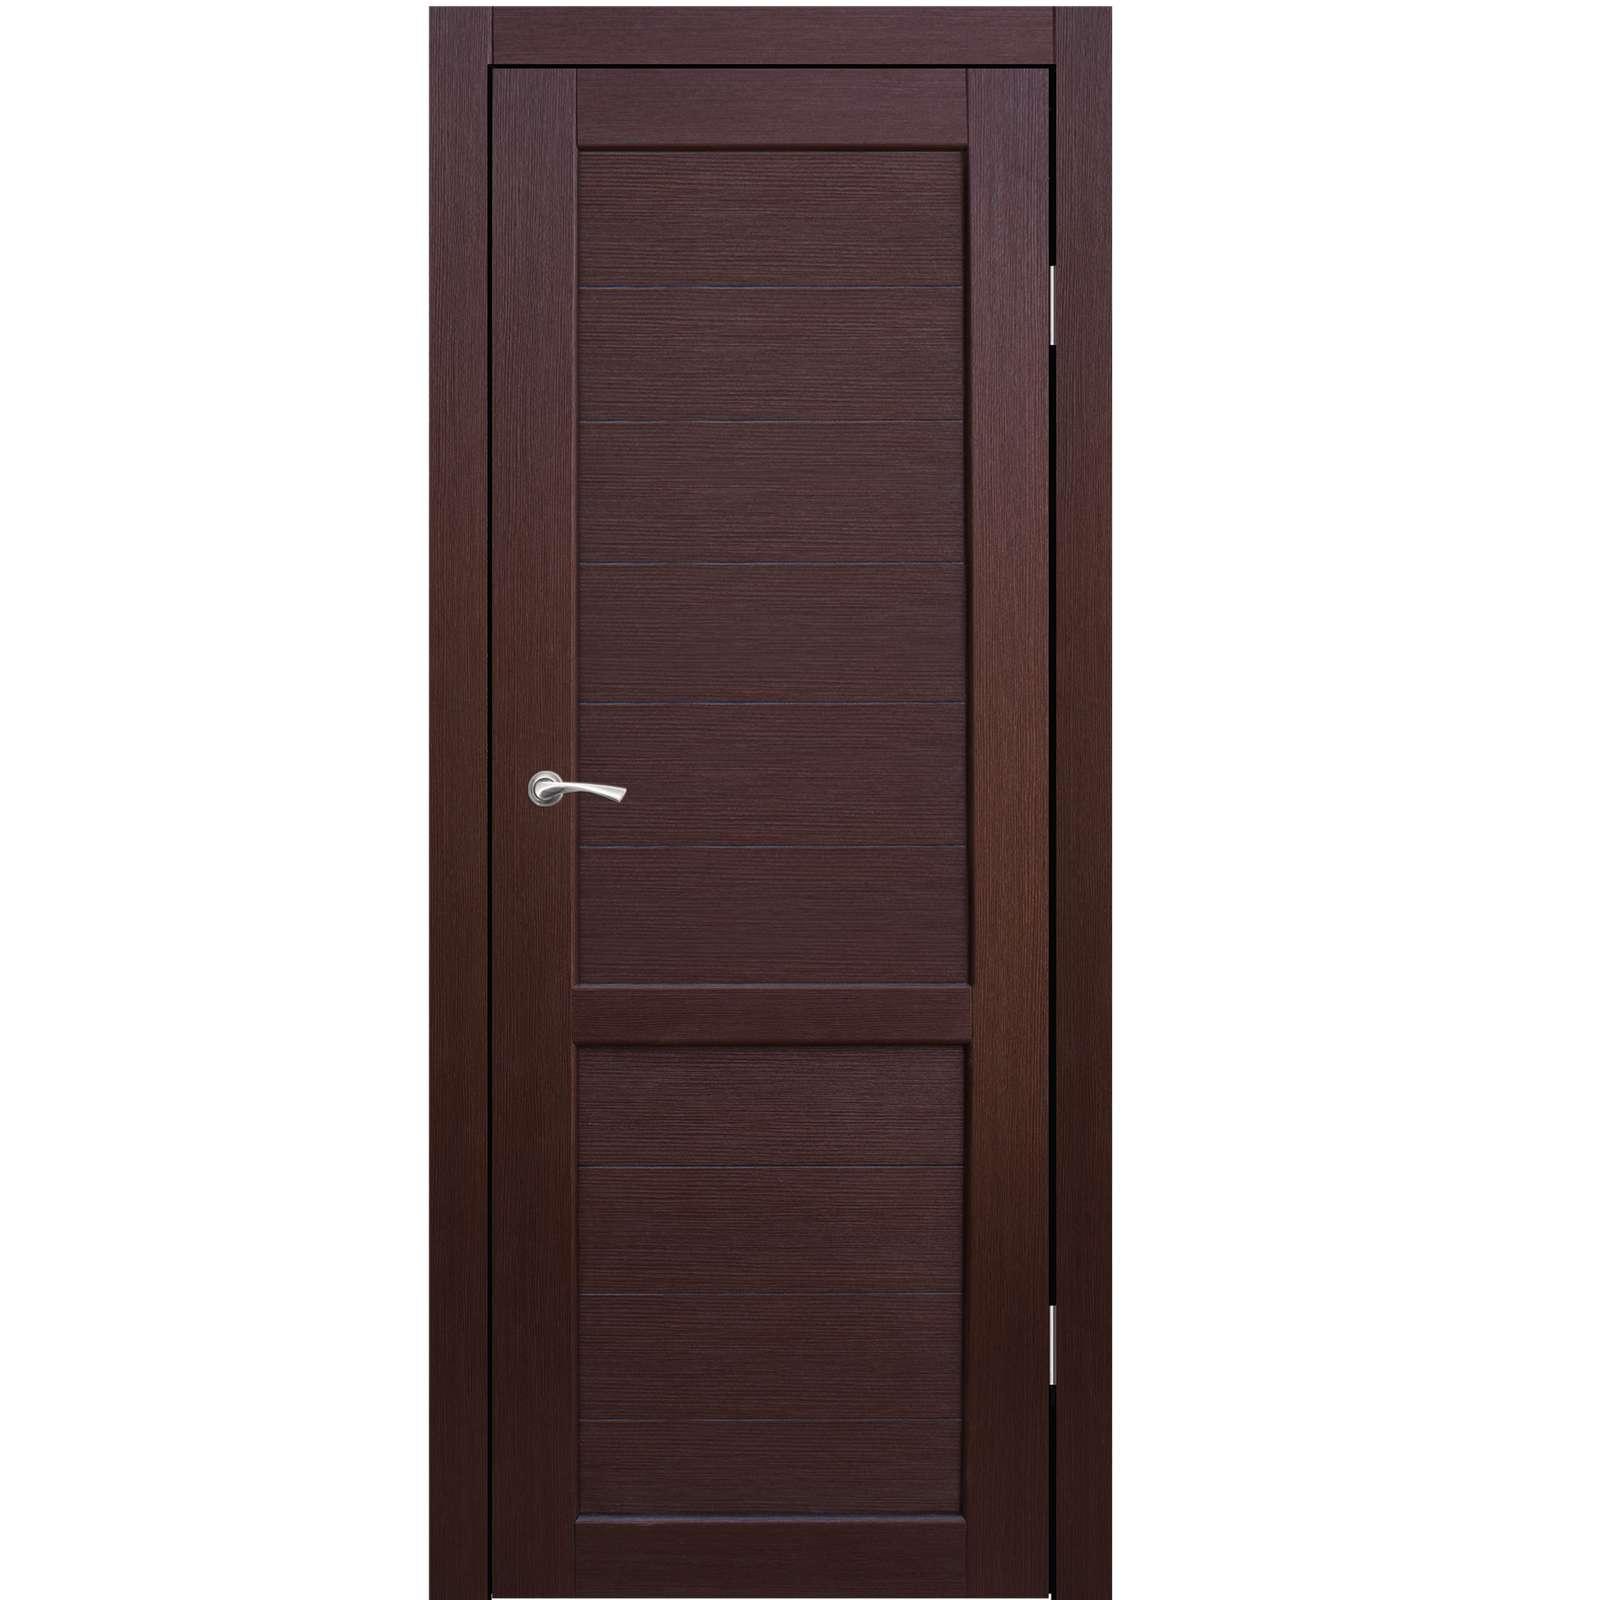 Полотно дверное глухое Венеция СИНЕРЖИ ноче кремоне ПВХ, ПДГ 900х2200мм НЕСТАНДАРТ